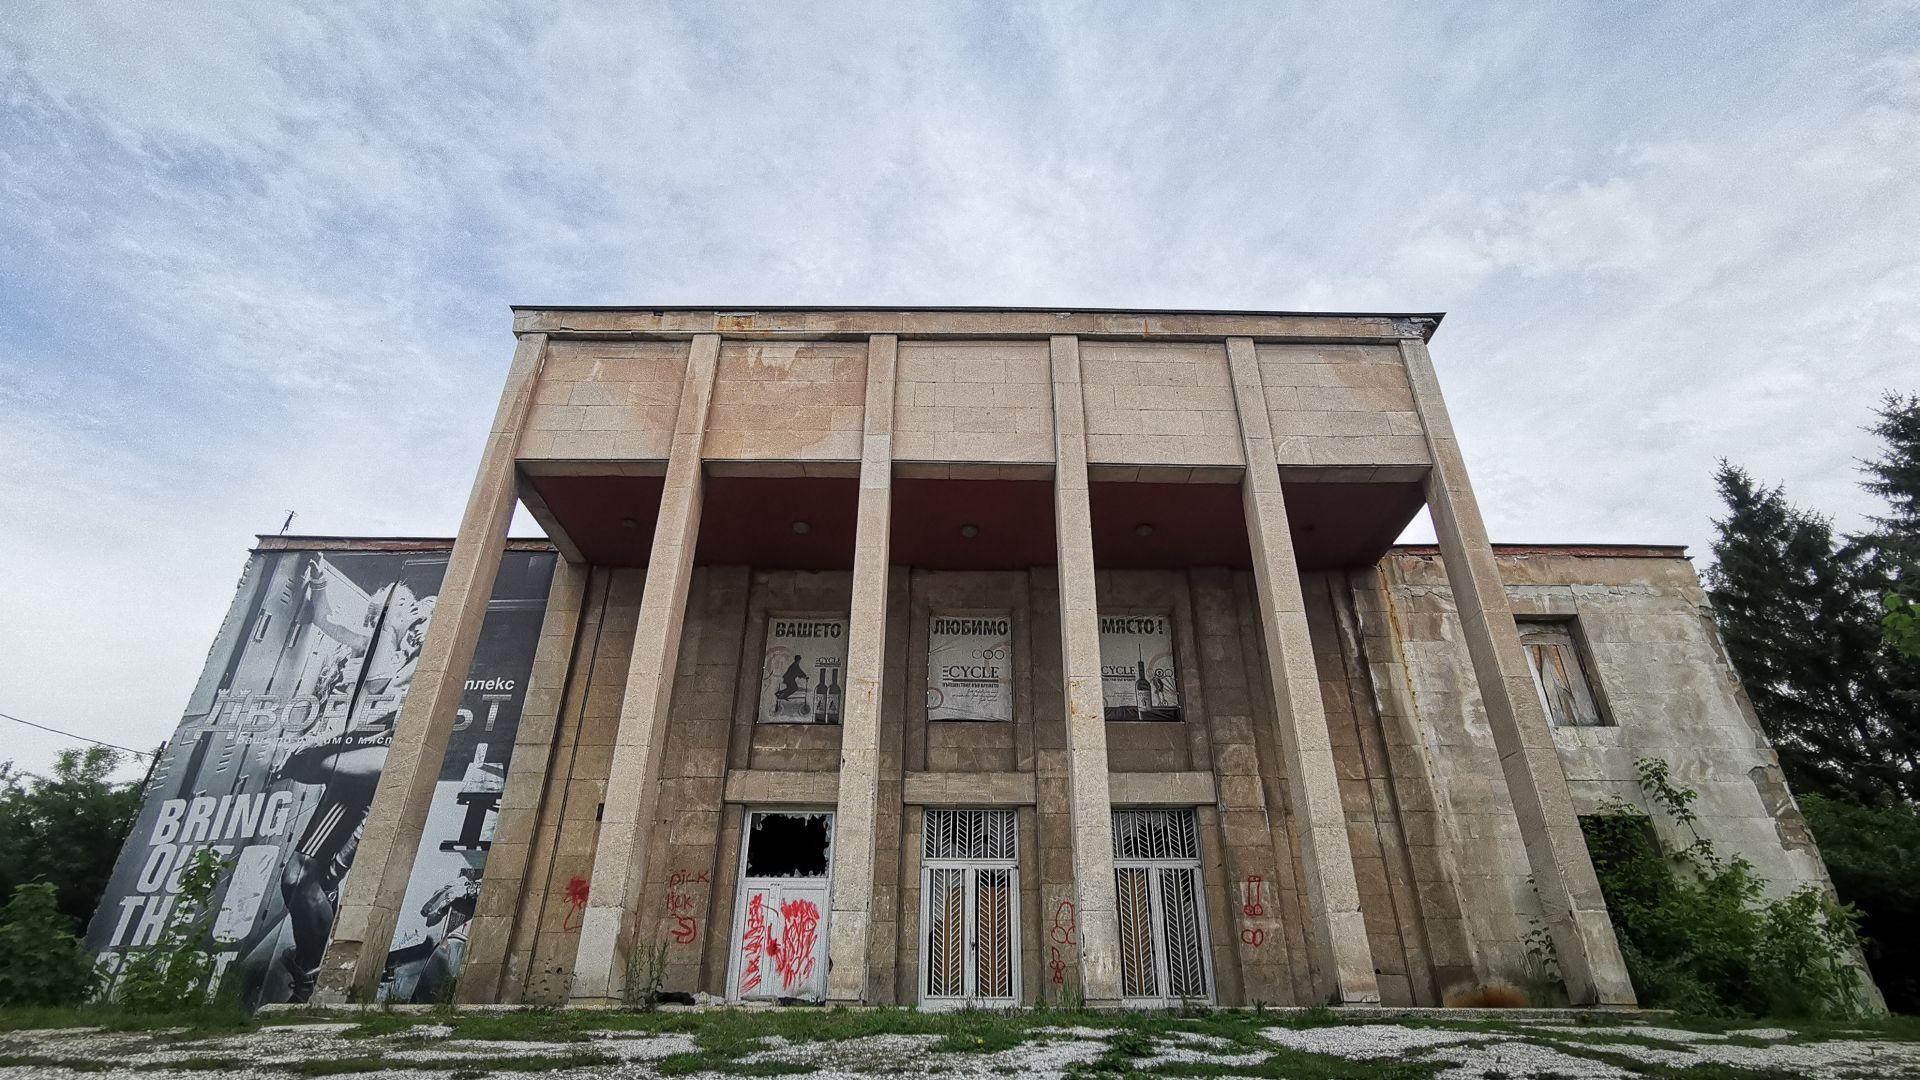 Домът на металурга със забравения стенопис - урбекс история за минало, настояще и бъдеще